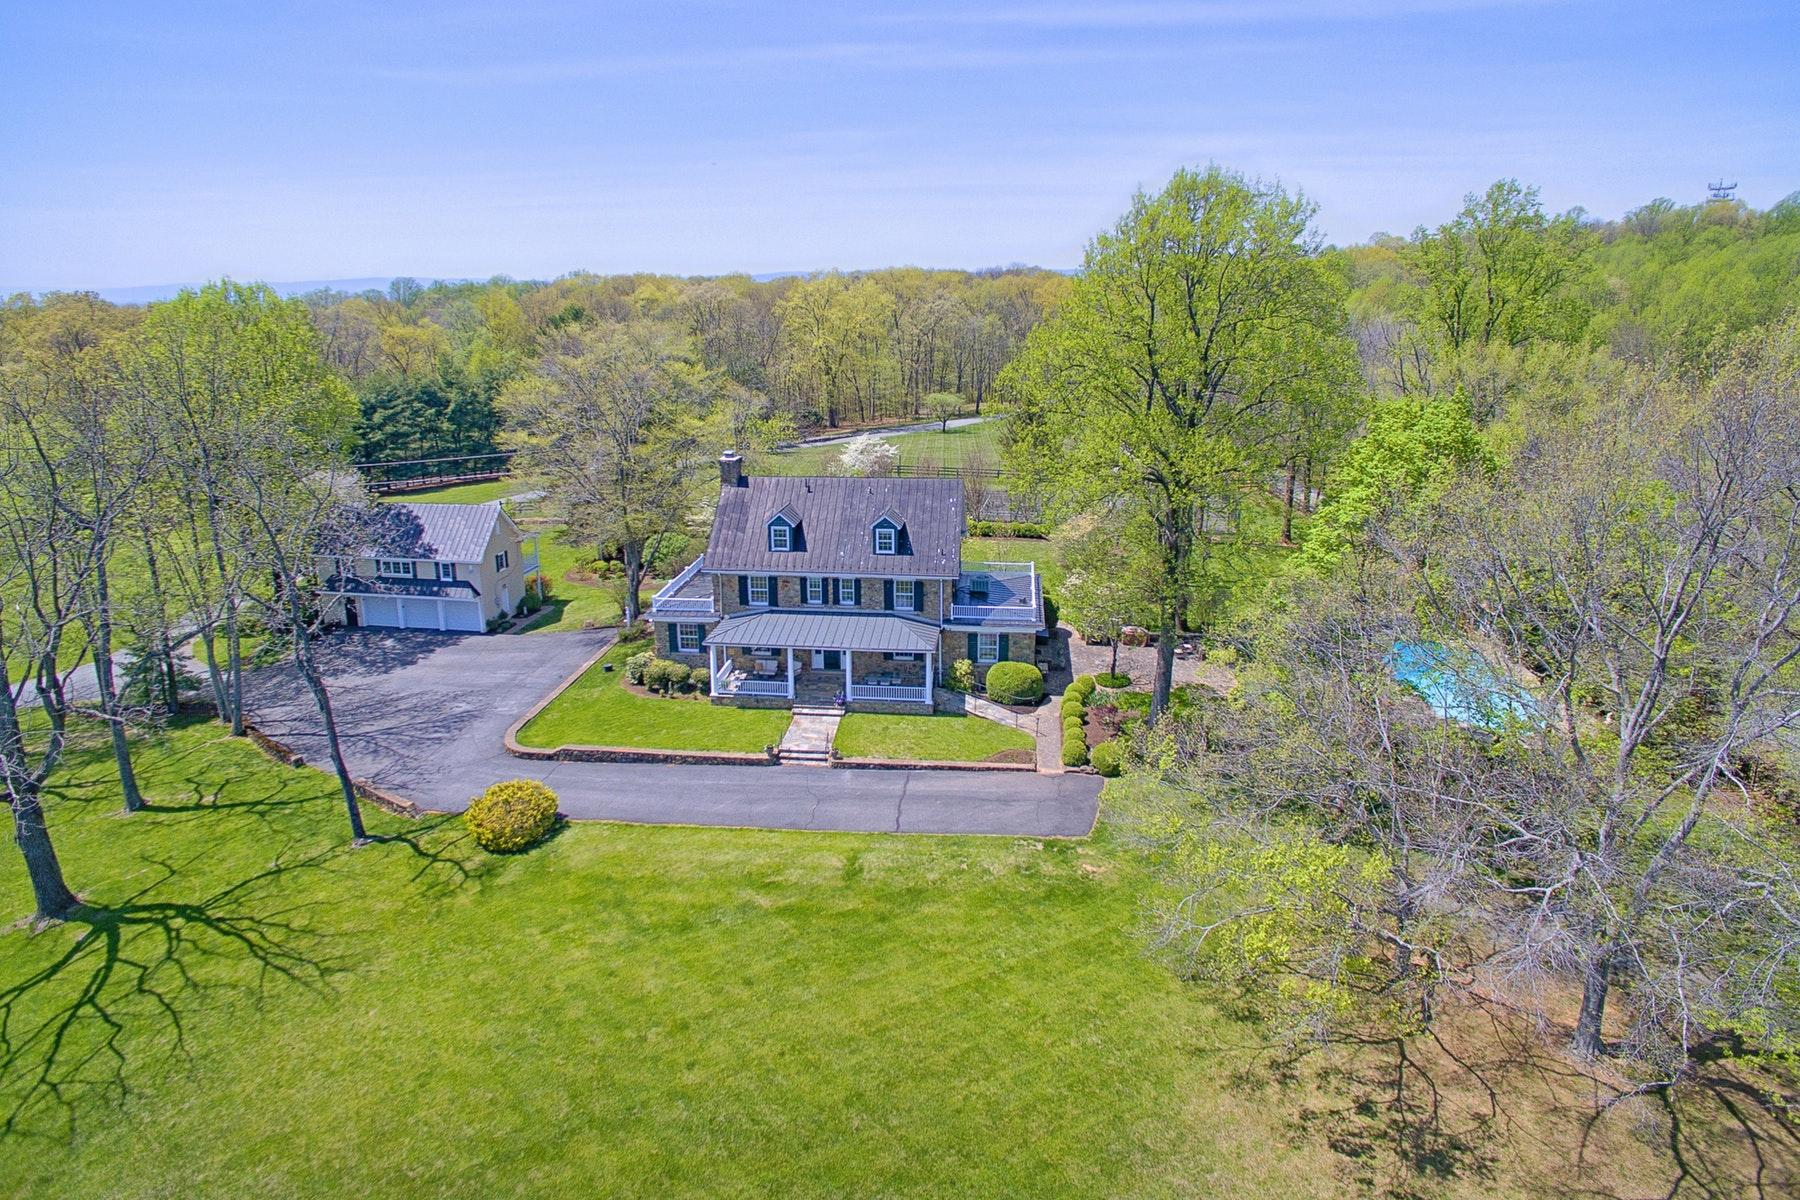 Частный односемейный дом для того Продажа на Stonegate View 17654 Canby Road Leesburg, Виргиния 20175 Соединенные Штаты